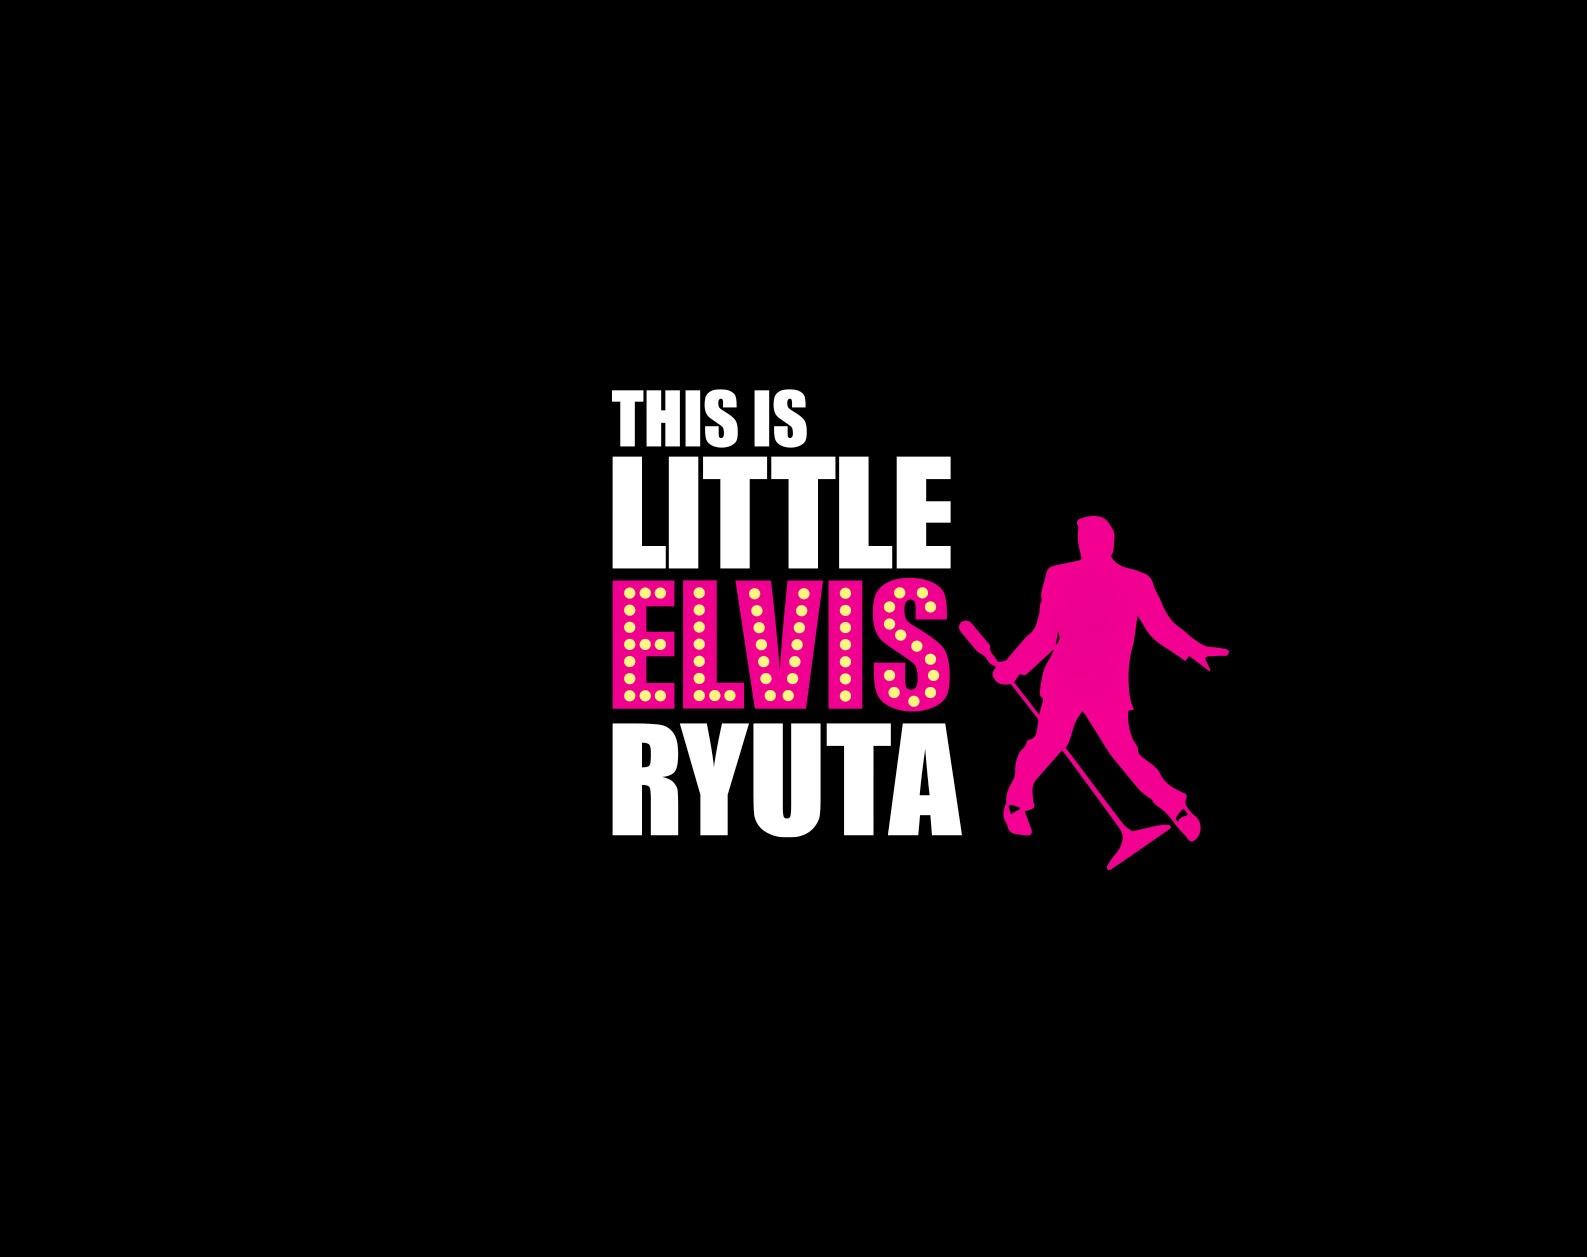 Little Elvis RYUTA